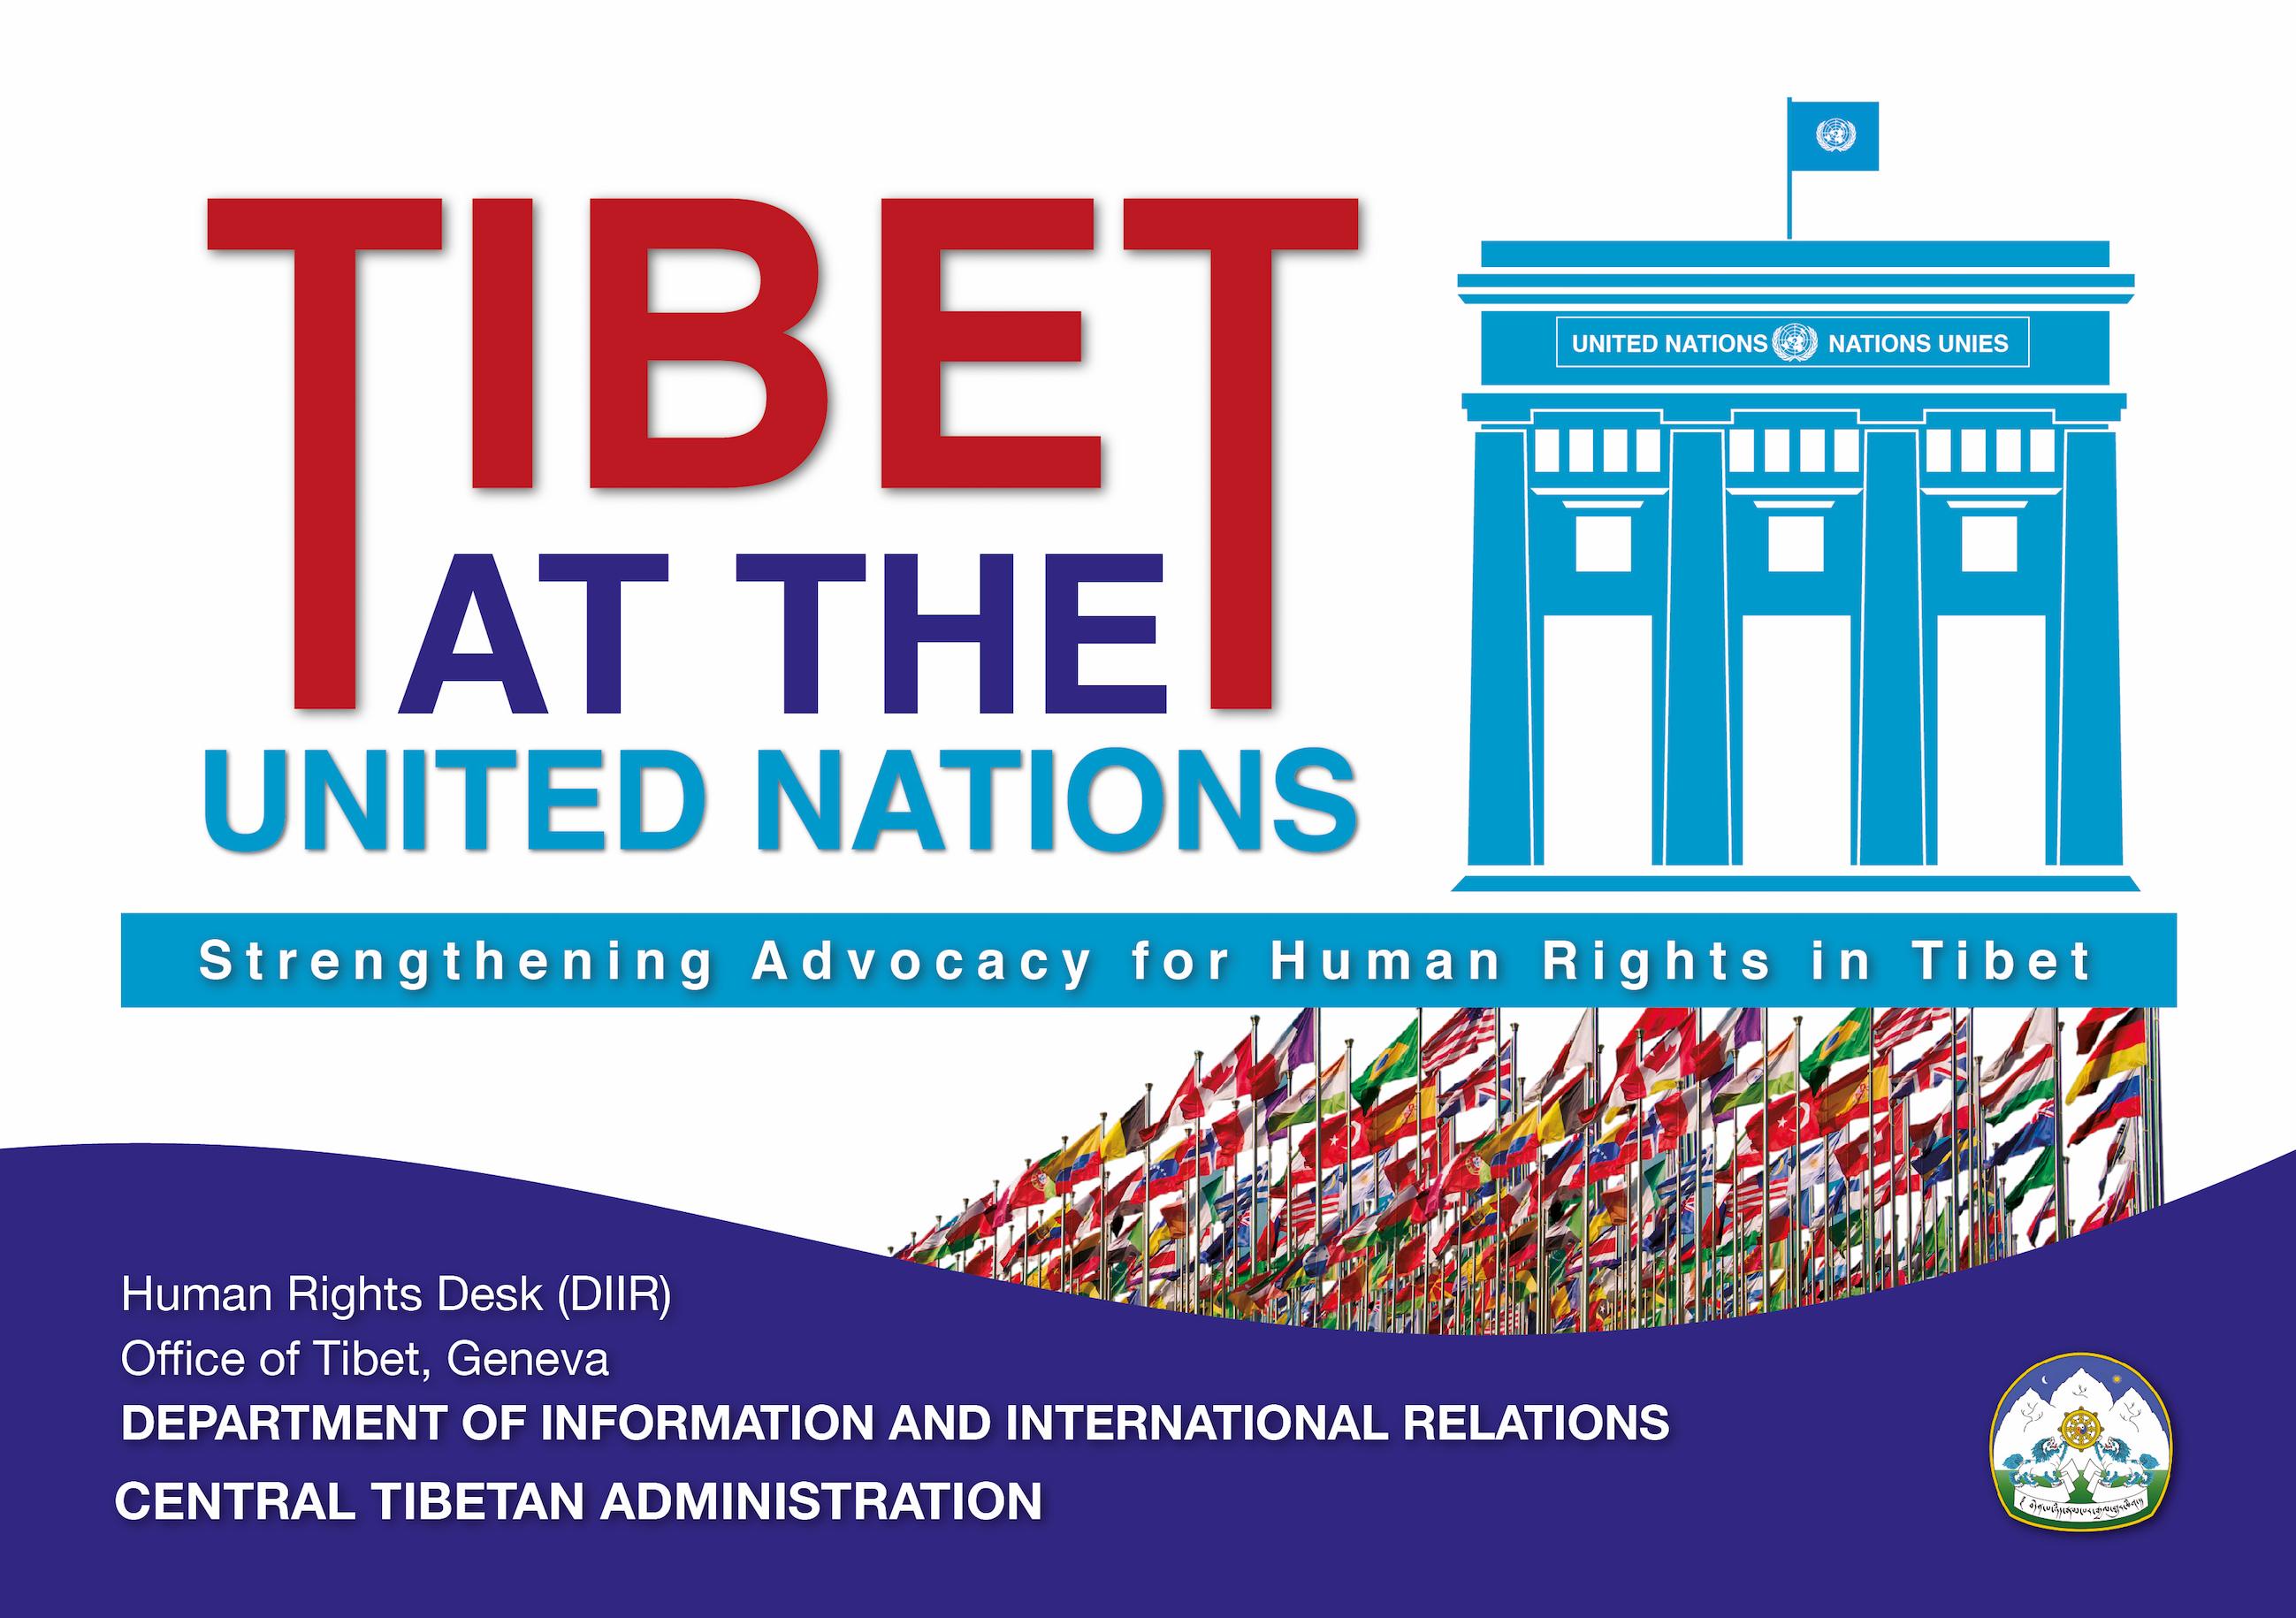 rencontre femme tibetaine